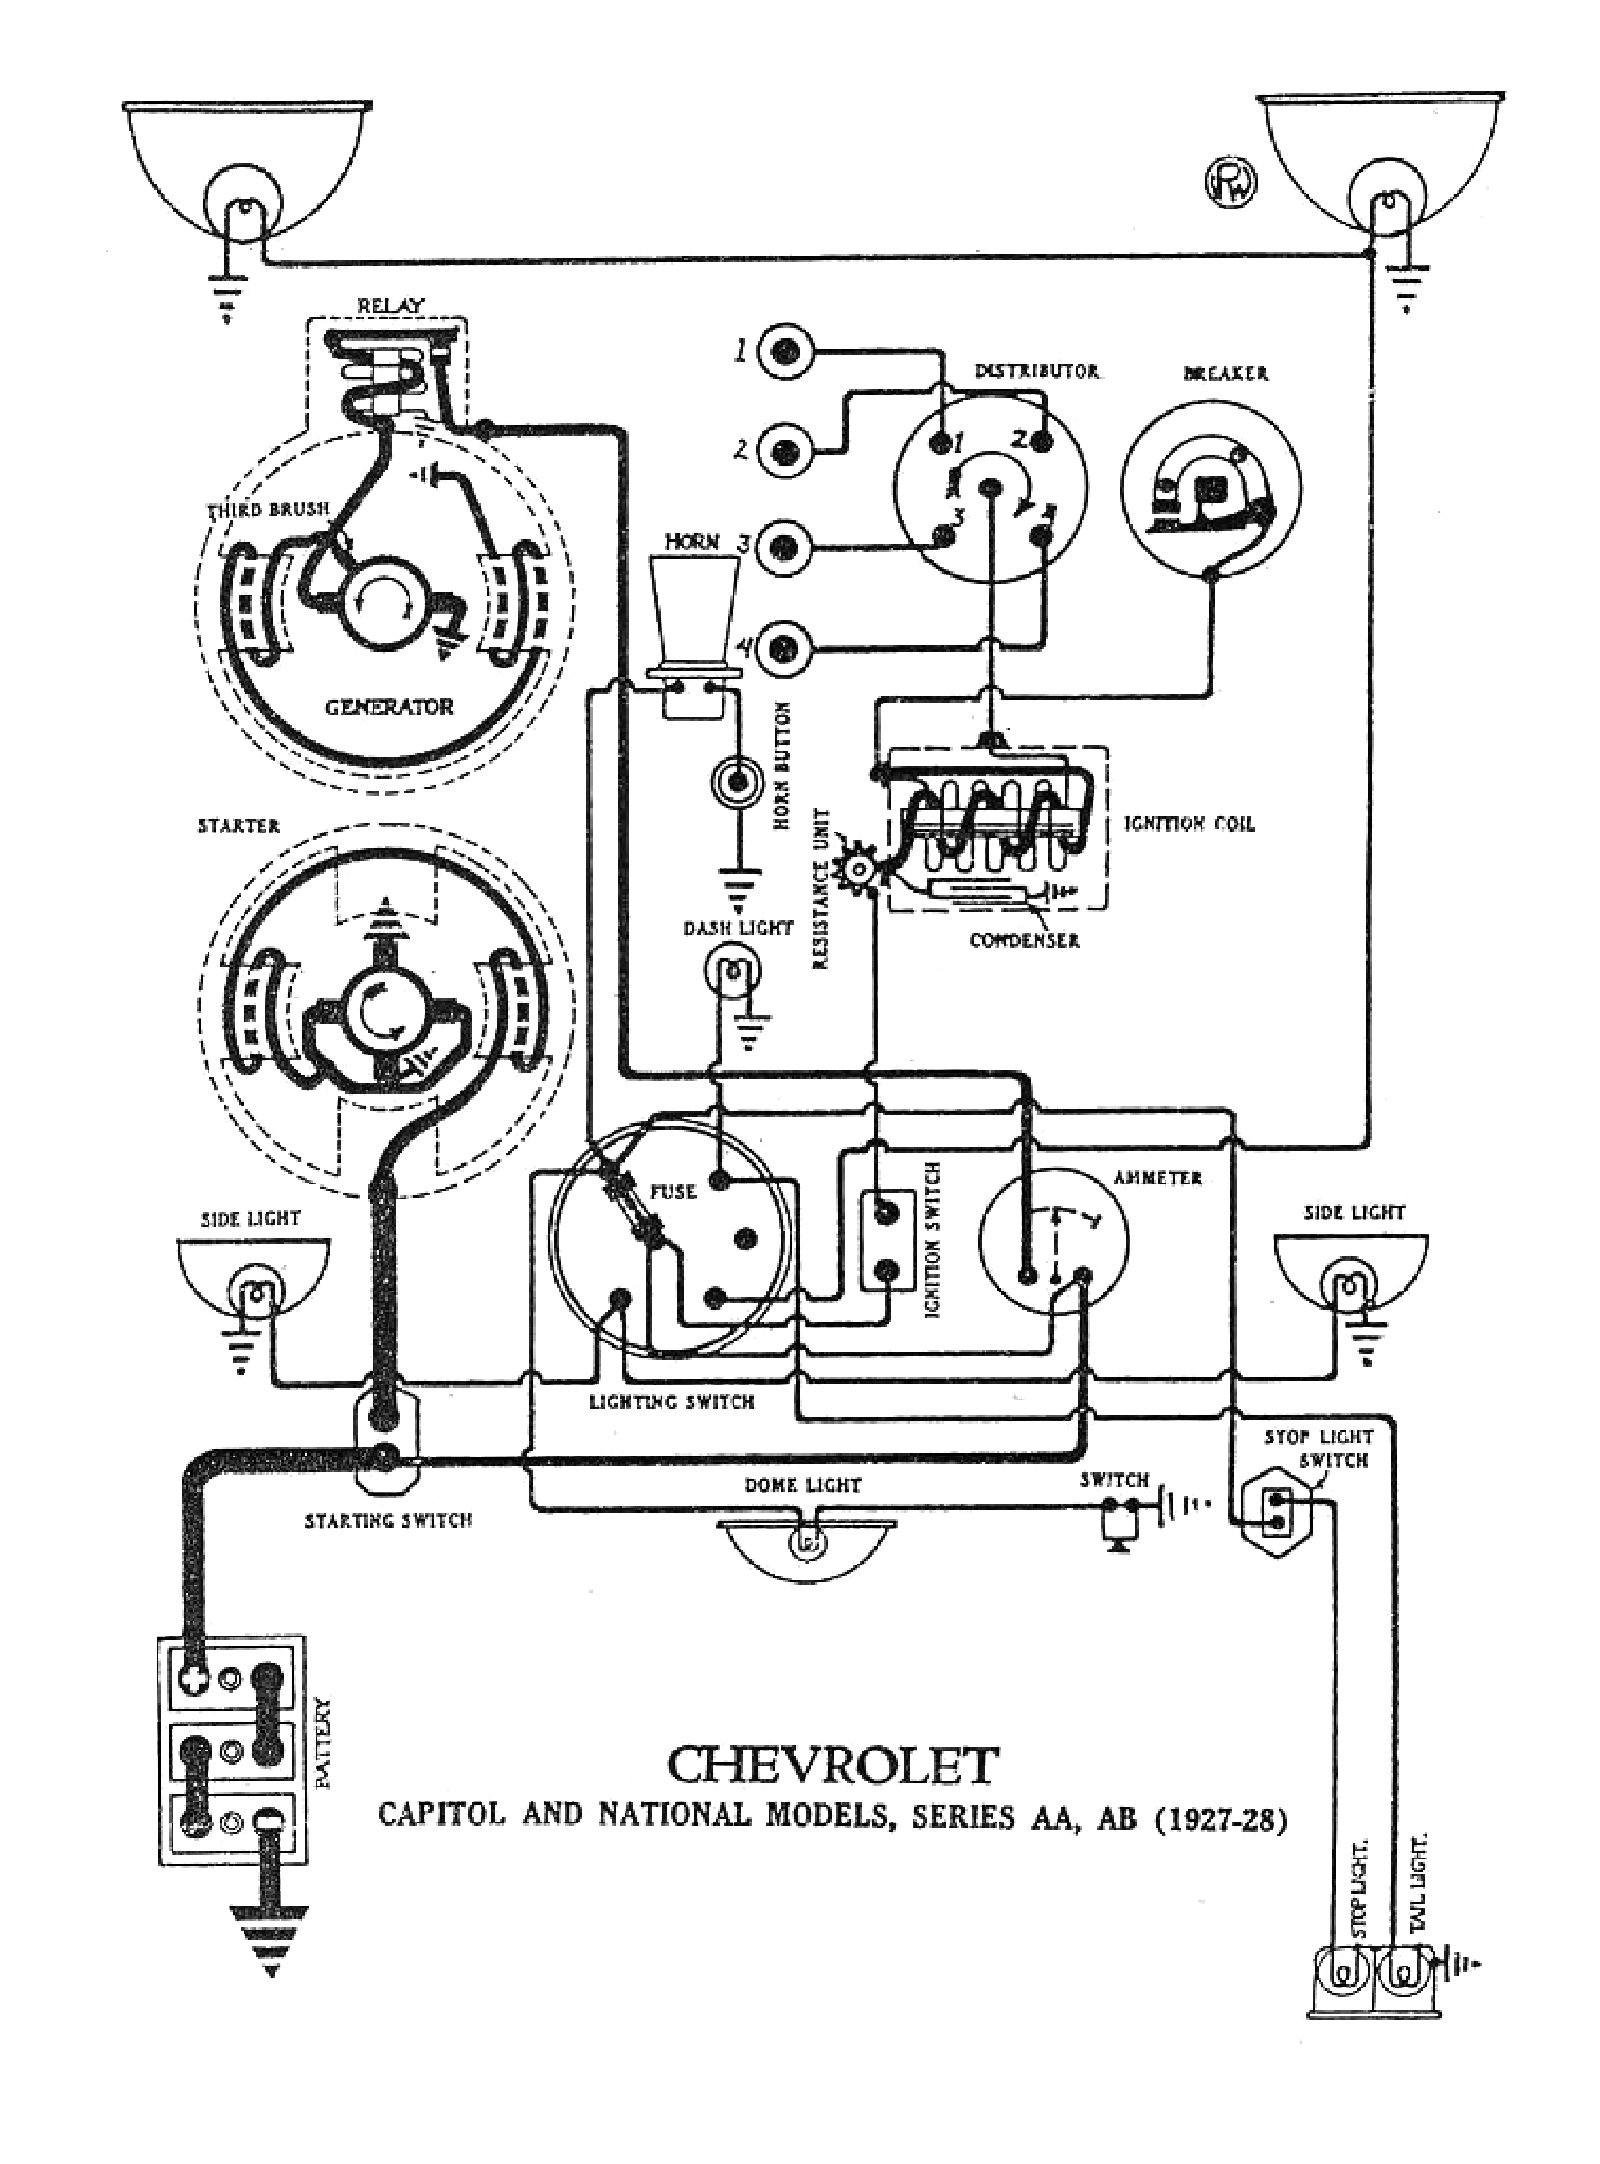 Model T Wiring Diagram | Wiring Diagram Image